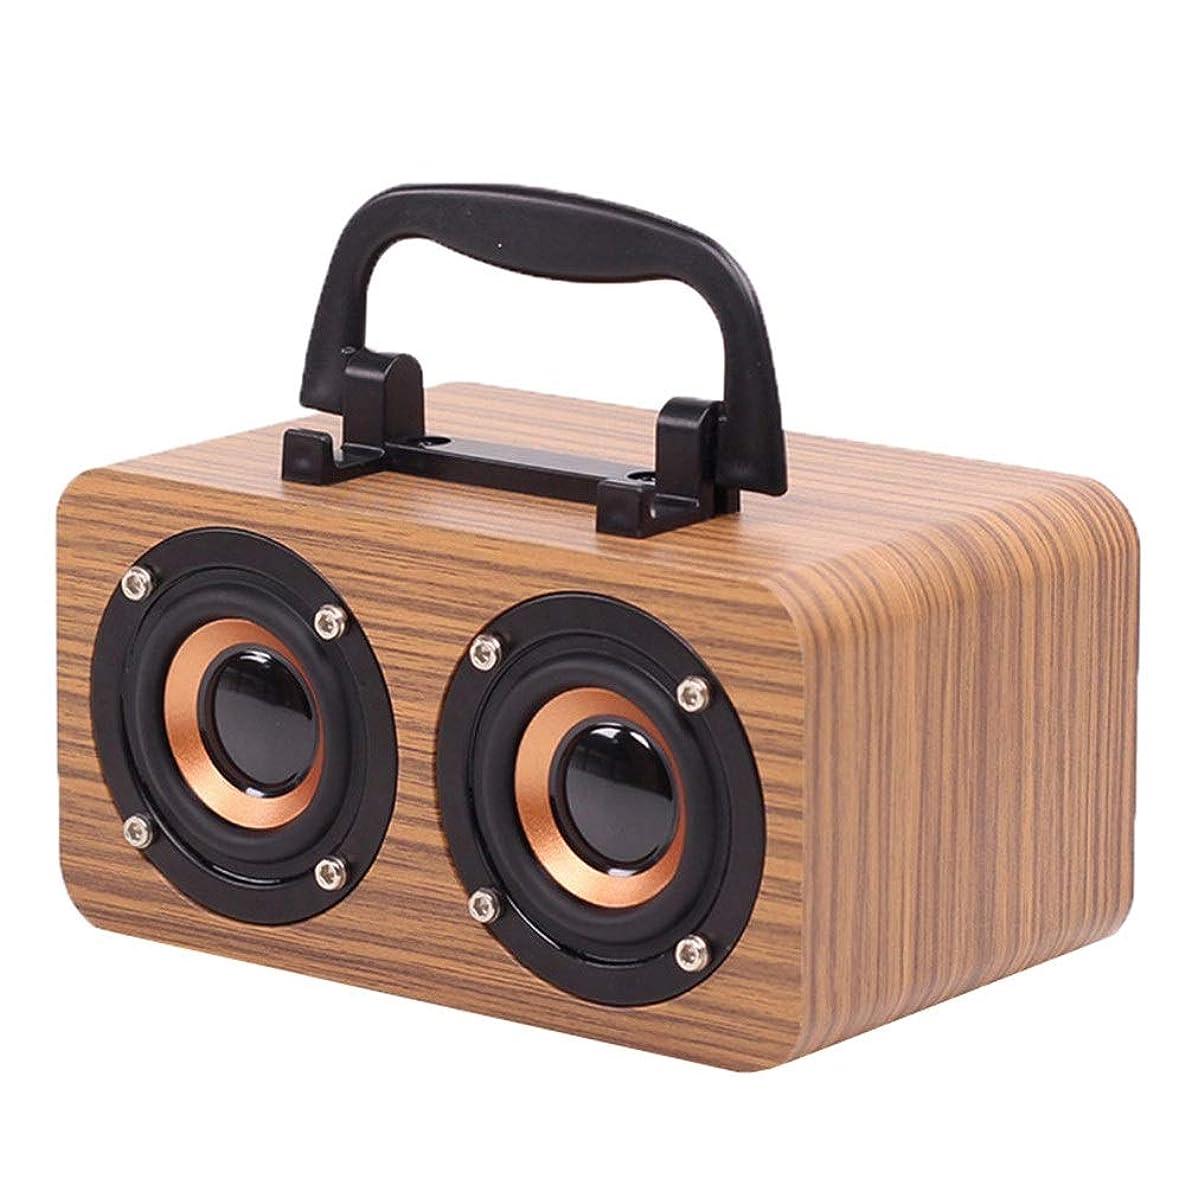 歌手帰る闇レコードプレーヤー FMラジオ付きスーツケースヴィンテージラジオワイヤレスステレオレトロスピーカーブルートゥーススピーカー付きミニポータブルブルートゥースヴィンテージスピーカー4.1ウッドラジオ音声プロンプト機能32GB USB TFカードポート (色 : 褐色)